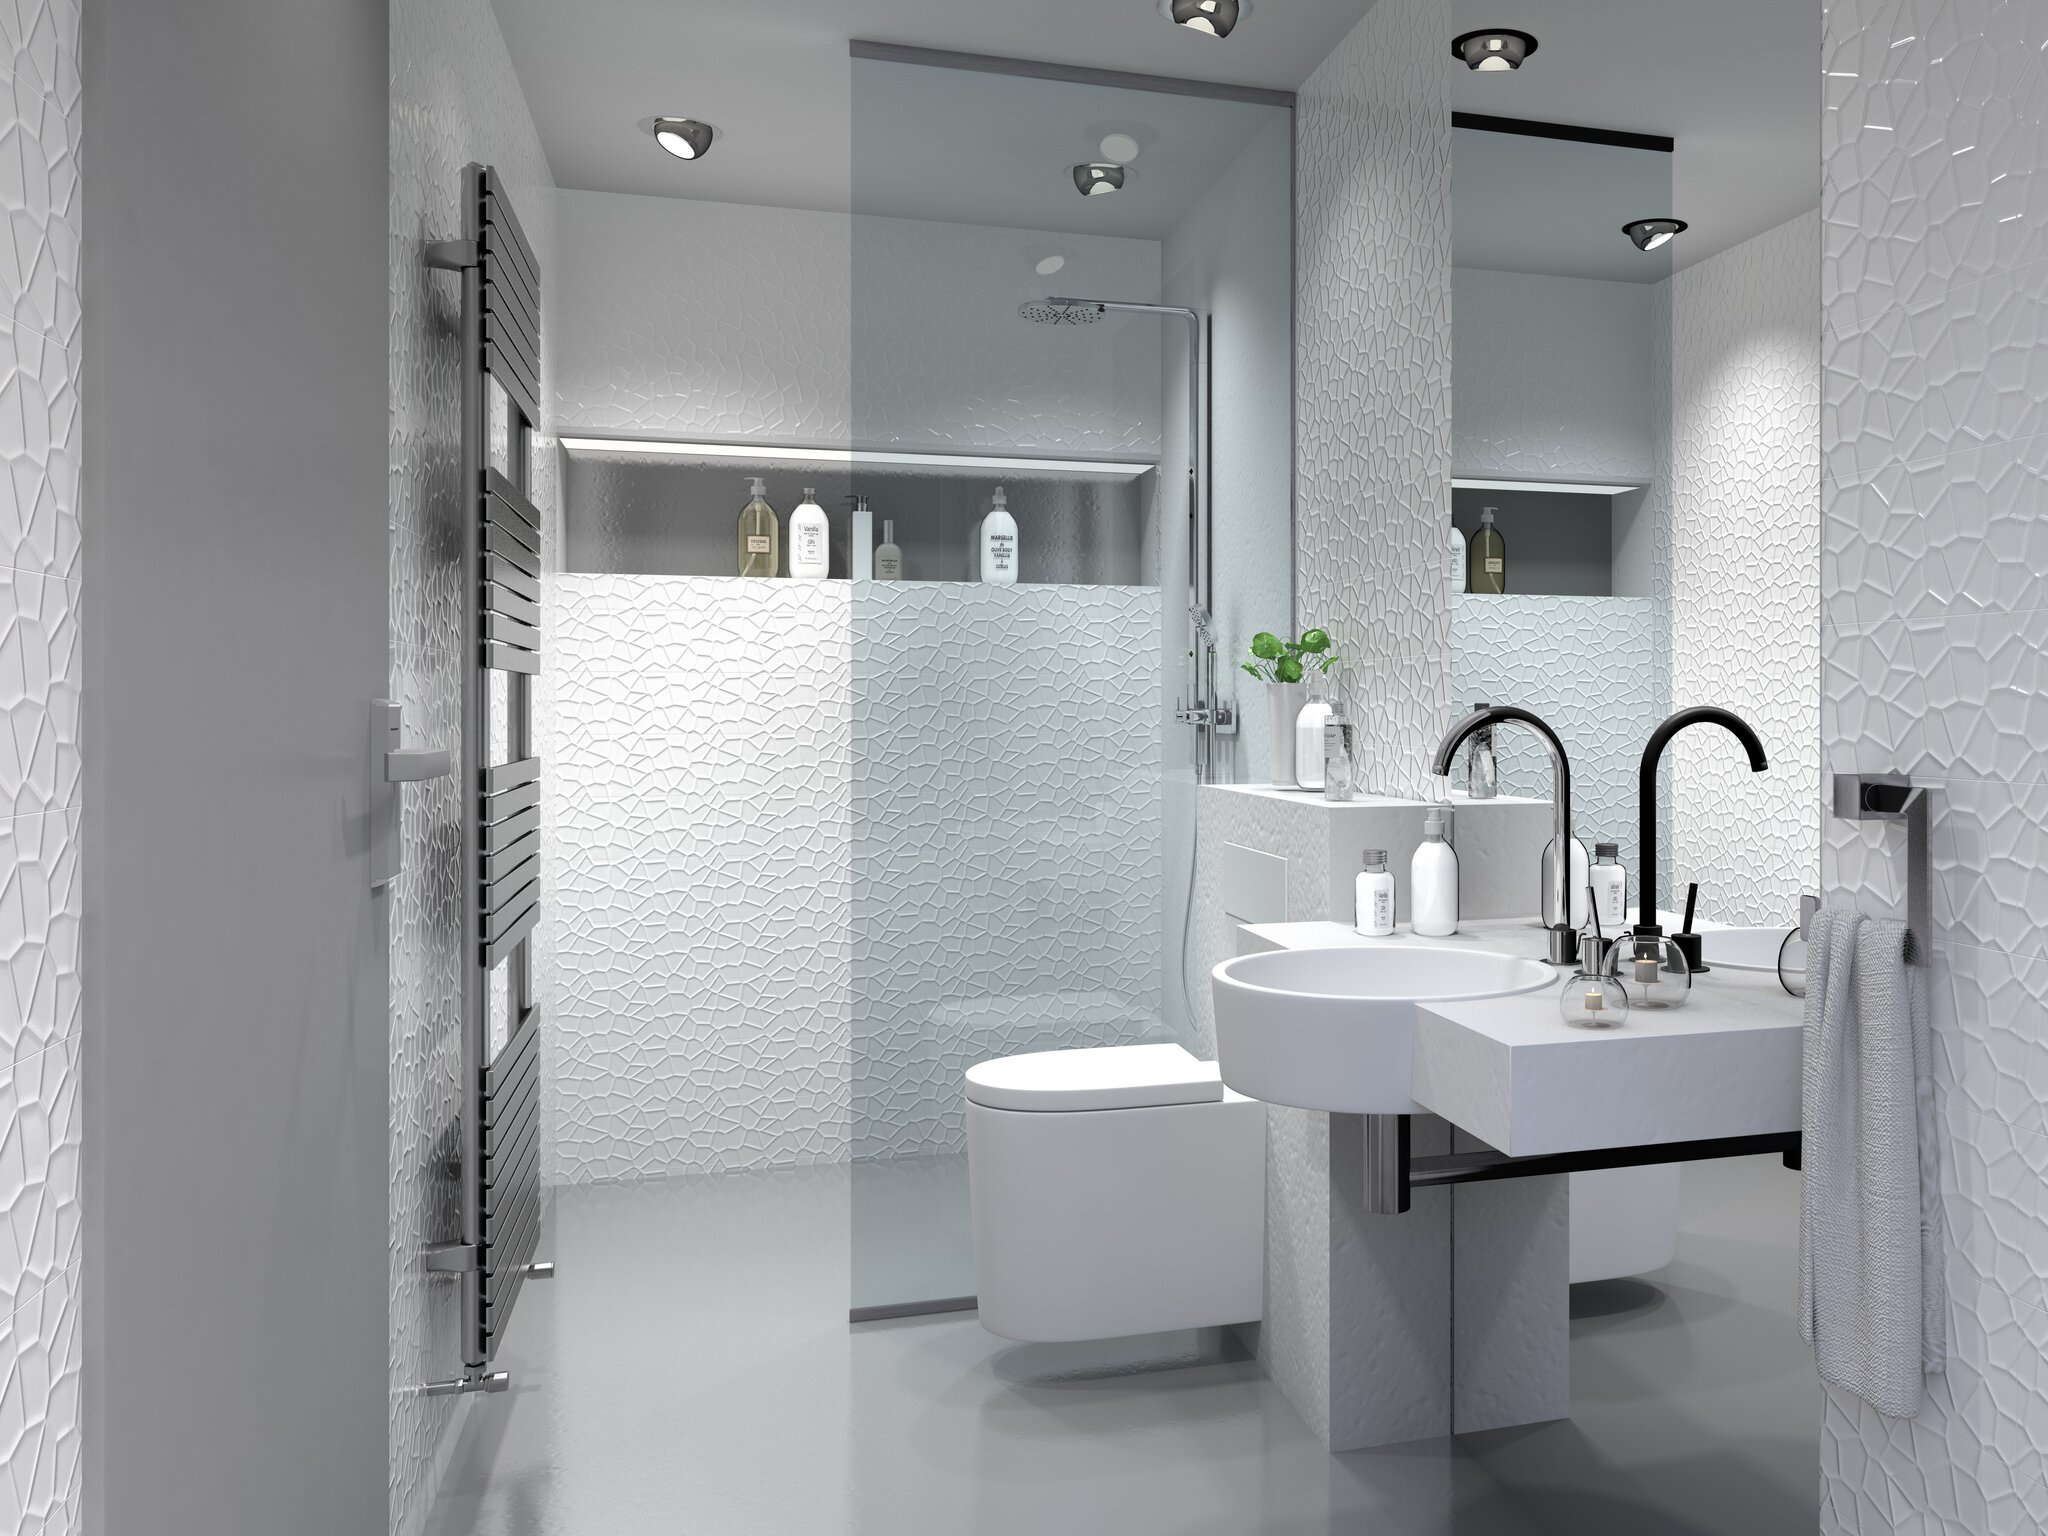 Altersgerechtes Badezimmer Barrierefreiheit durch Bad & Design ...